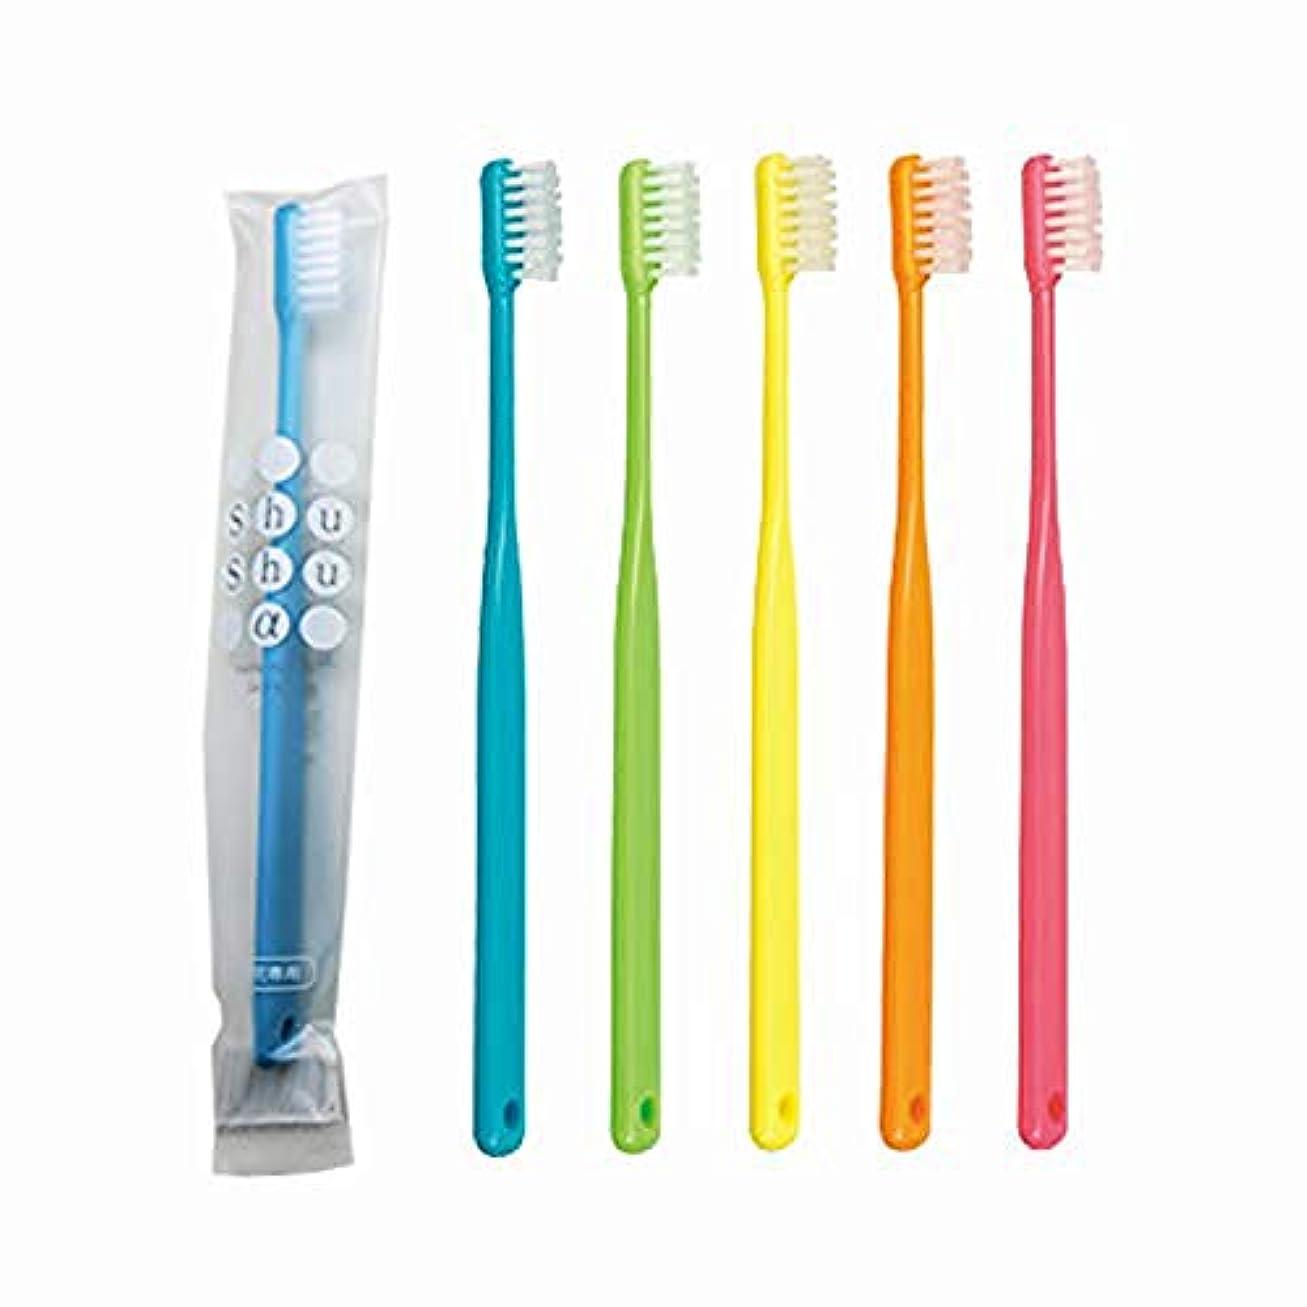 シリンダー拒絶巻き取り歯科専売品 大人用歯ブラシ FEED Shu Shu α(シュシュアルファ)×10本 S (やわらかめ)